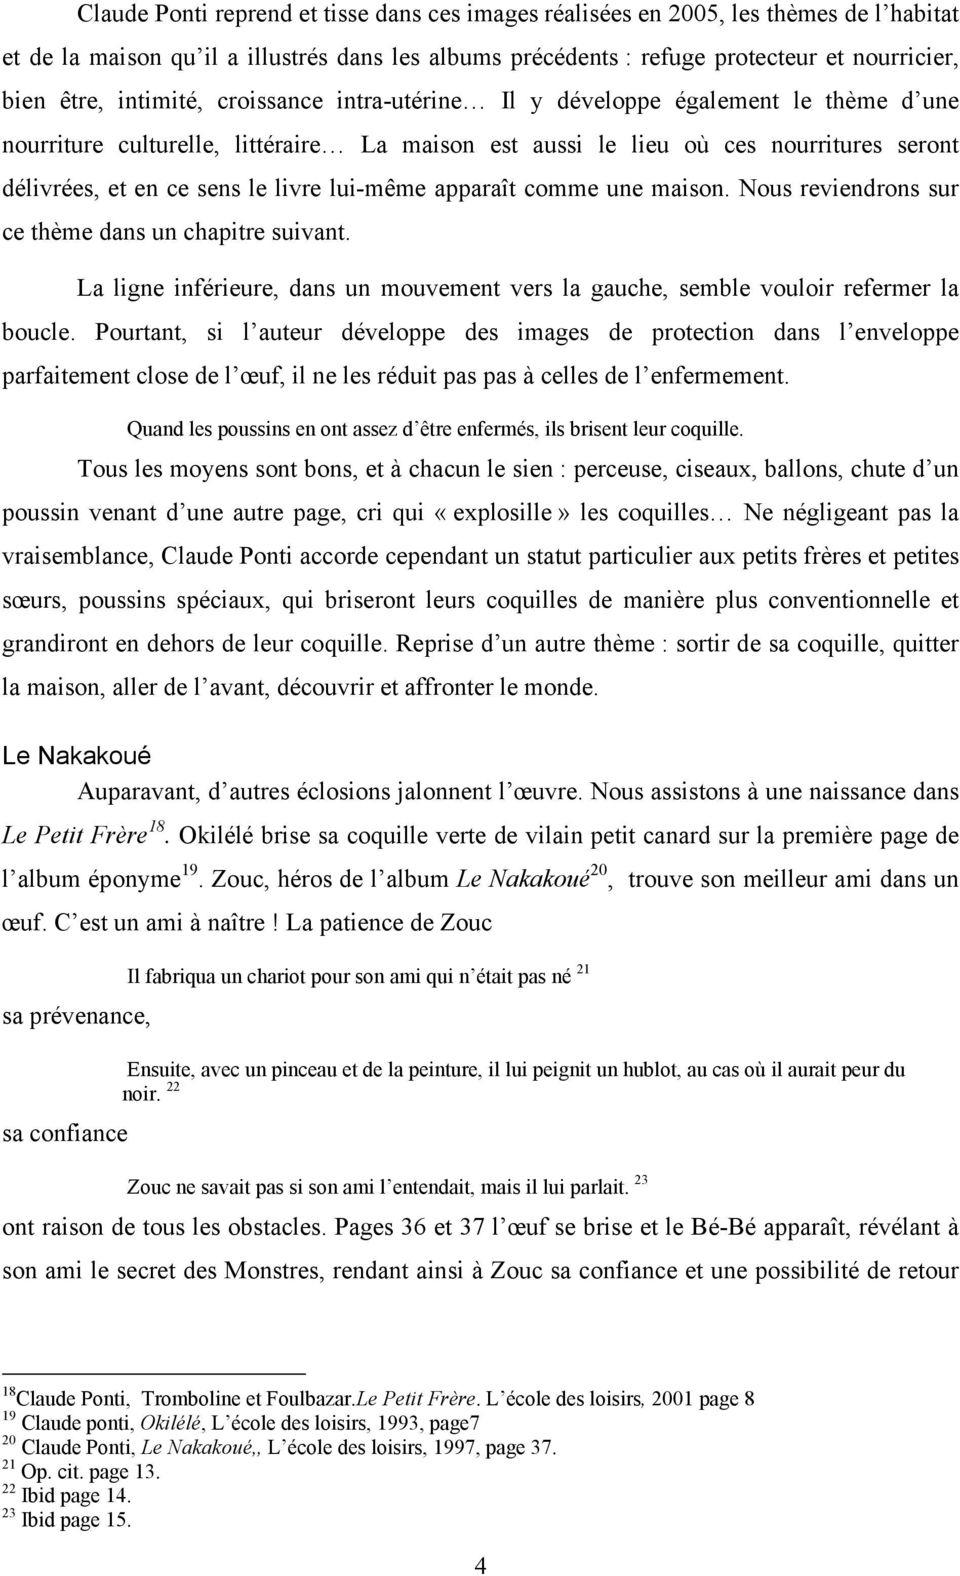 L Image De La Maison Dans L Œuvre De Claude Ponti - Pdf Free destiné La Tempête Claude Ponti